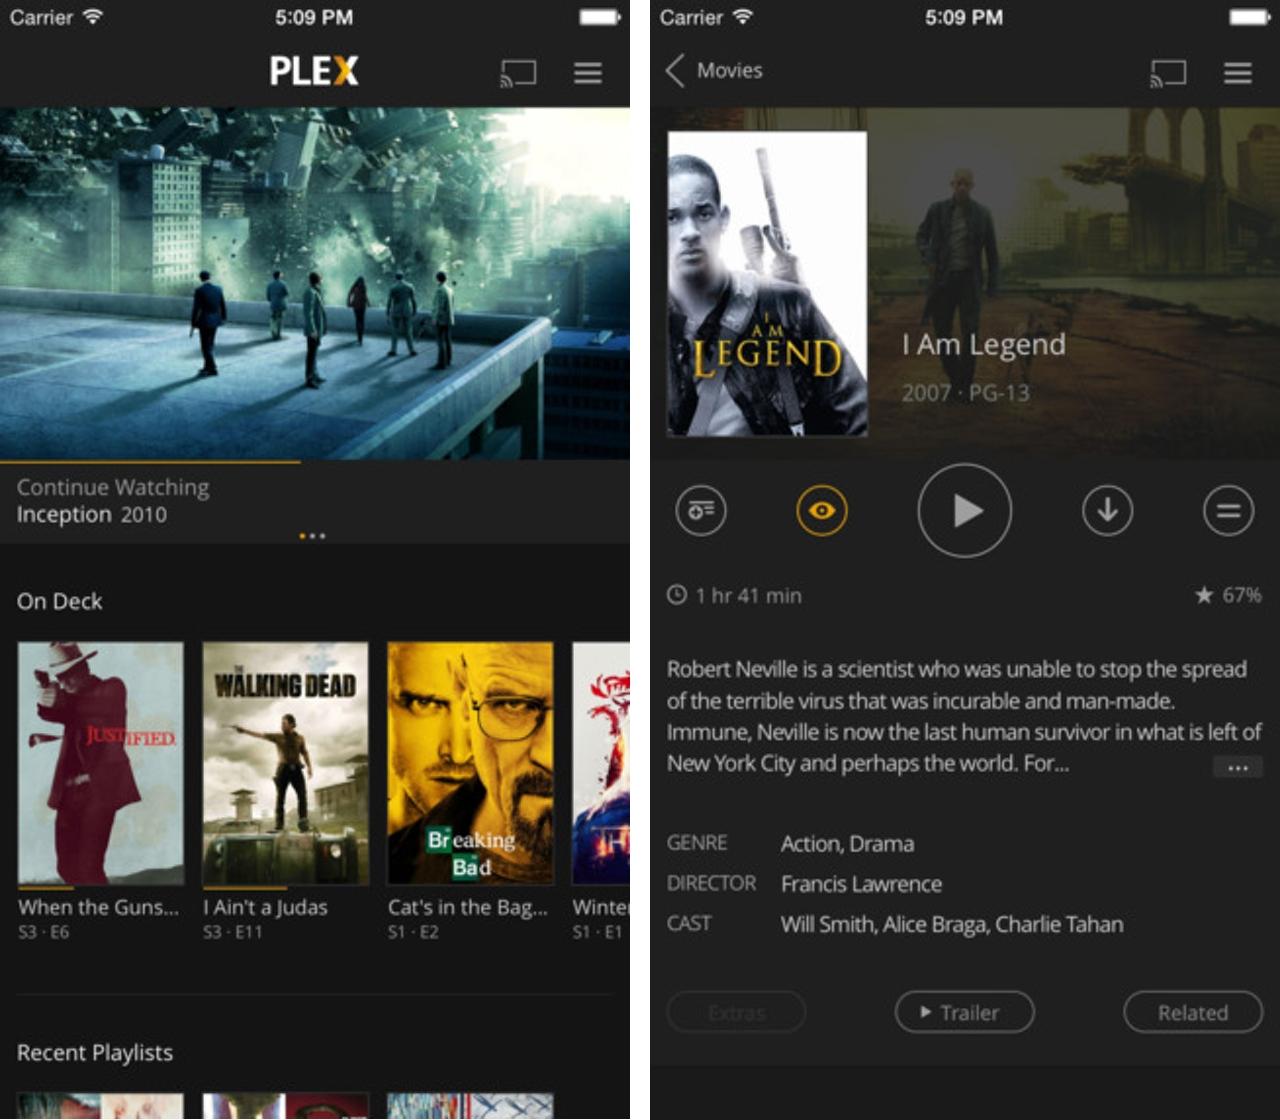 Plex iOS